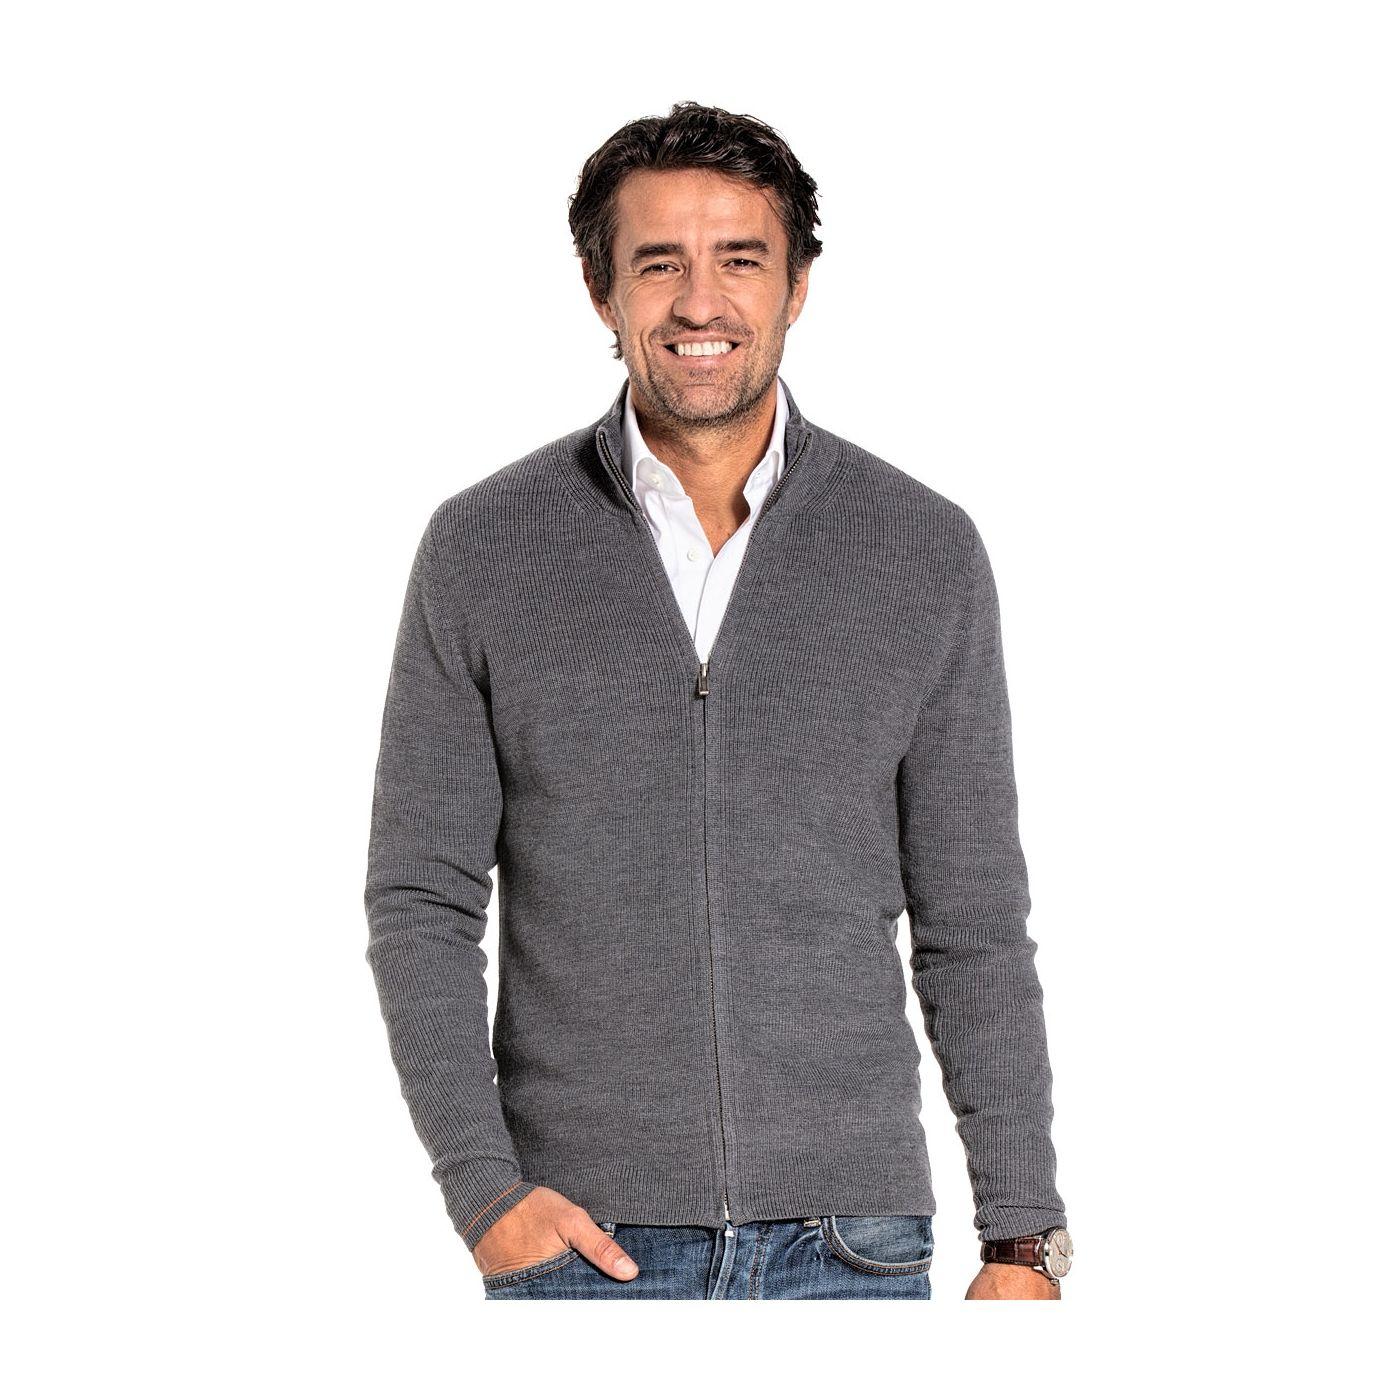 Vest met rits voor mannen gemaakt van merinowol in het Grijs